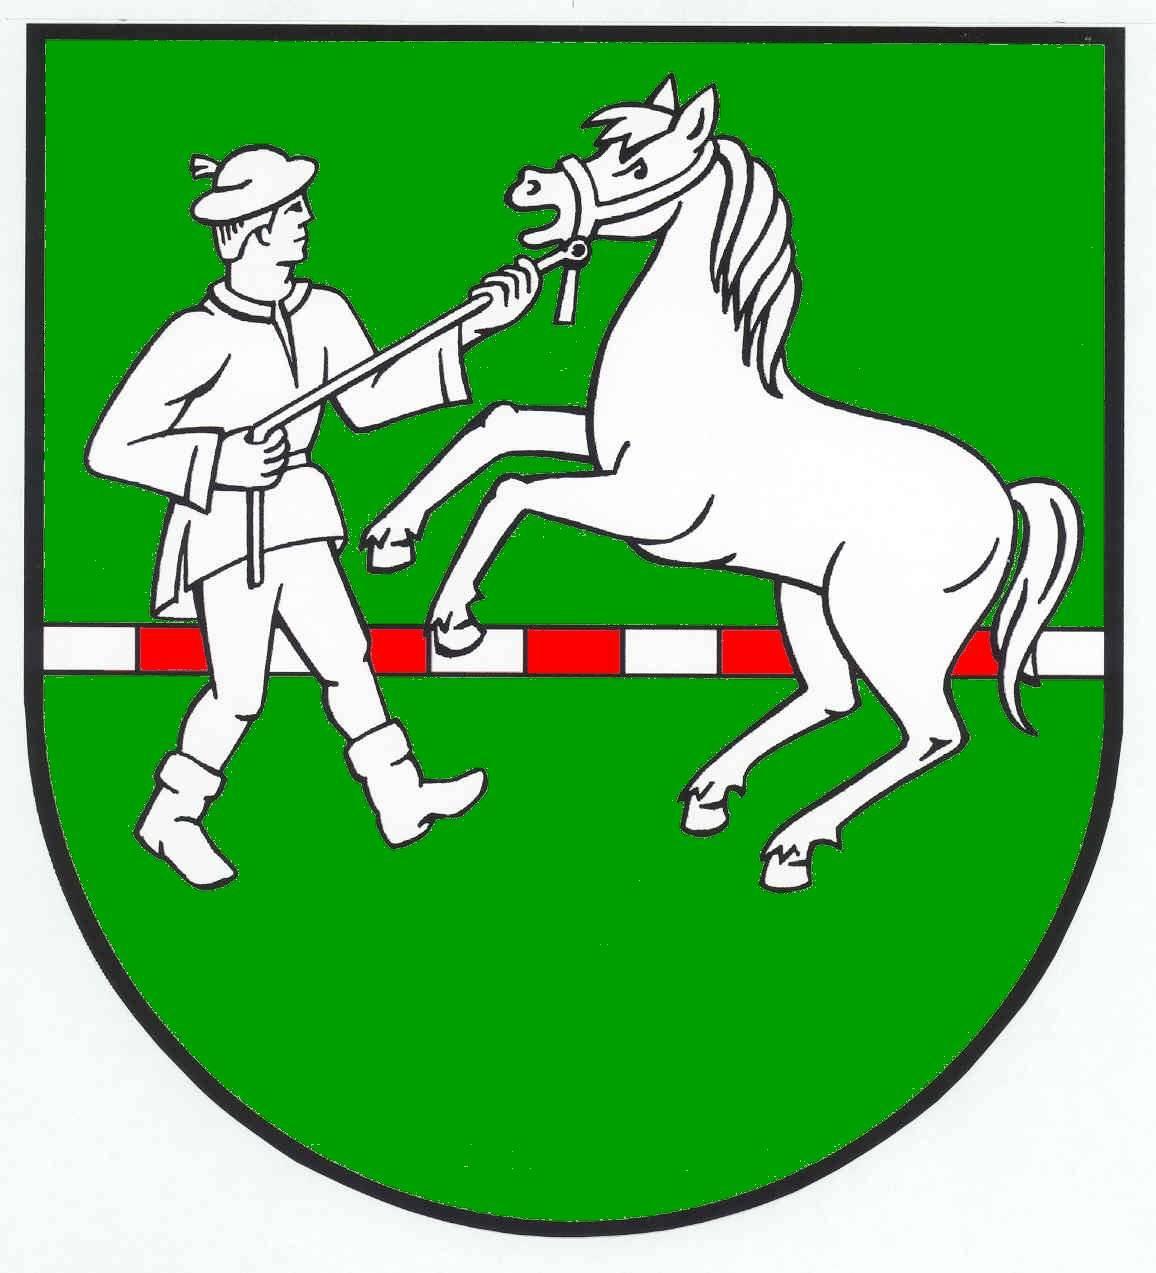 Wappen GemeindeGribbohm, Kreis Steinburg